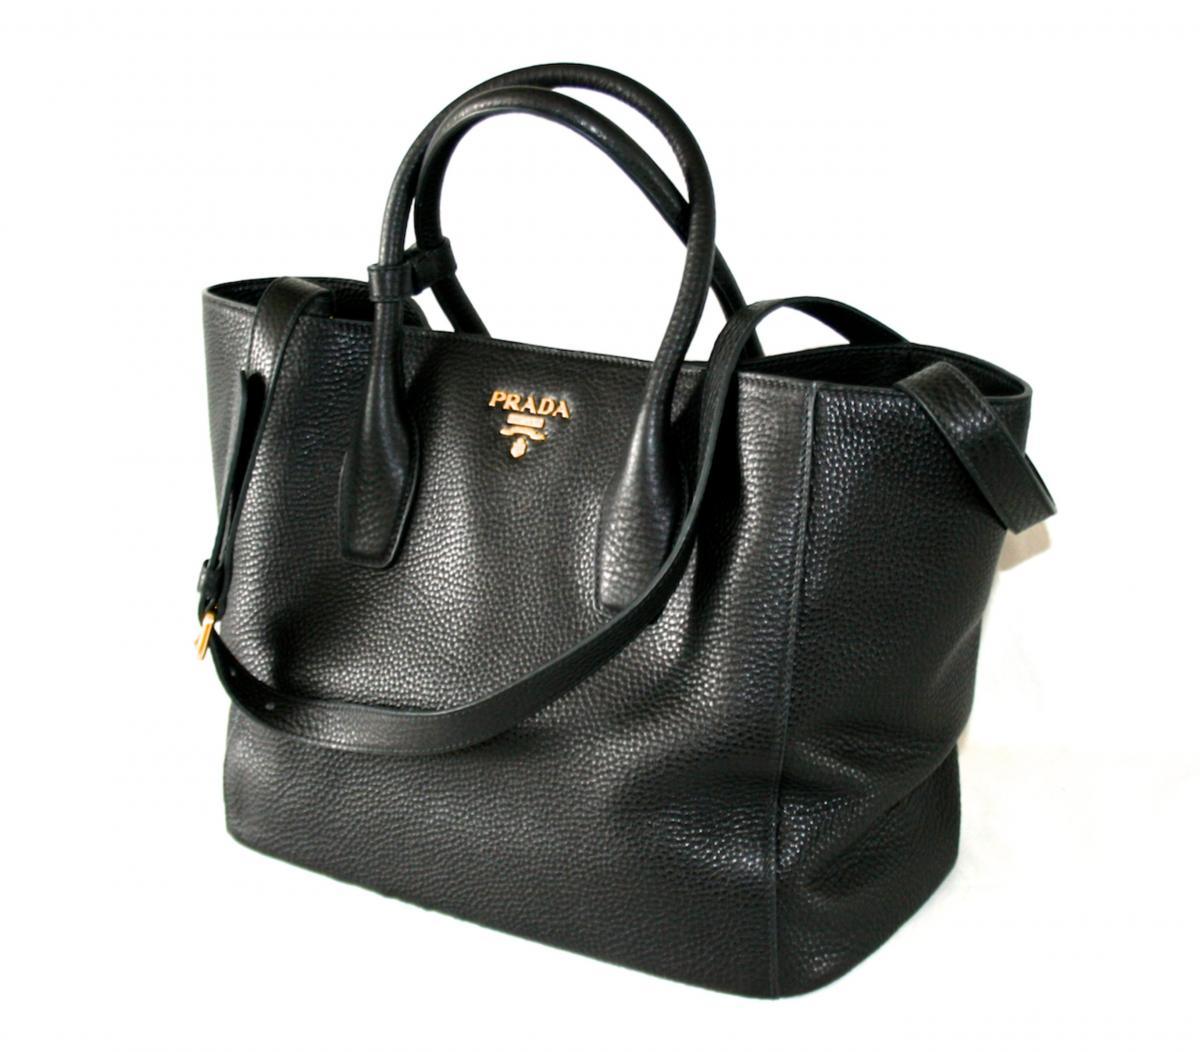 prada bag shopper handbag classic prada bag shopper handbag model